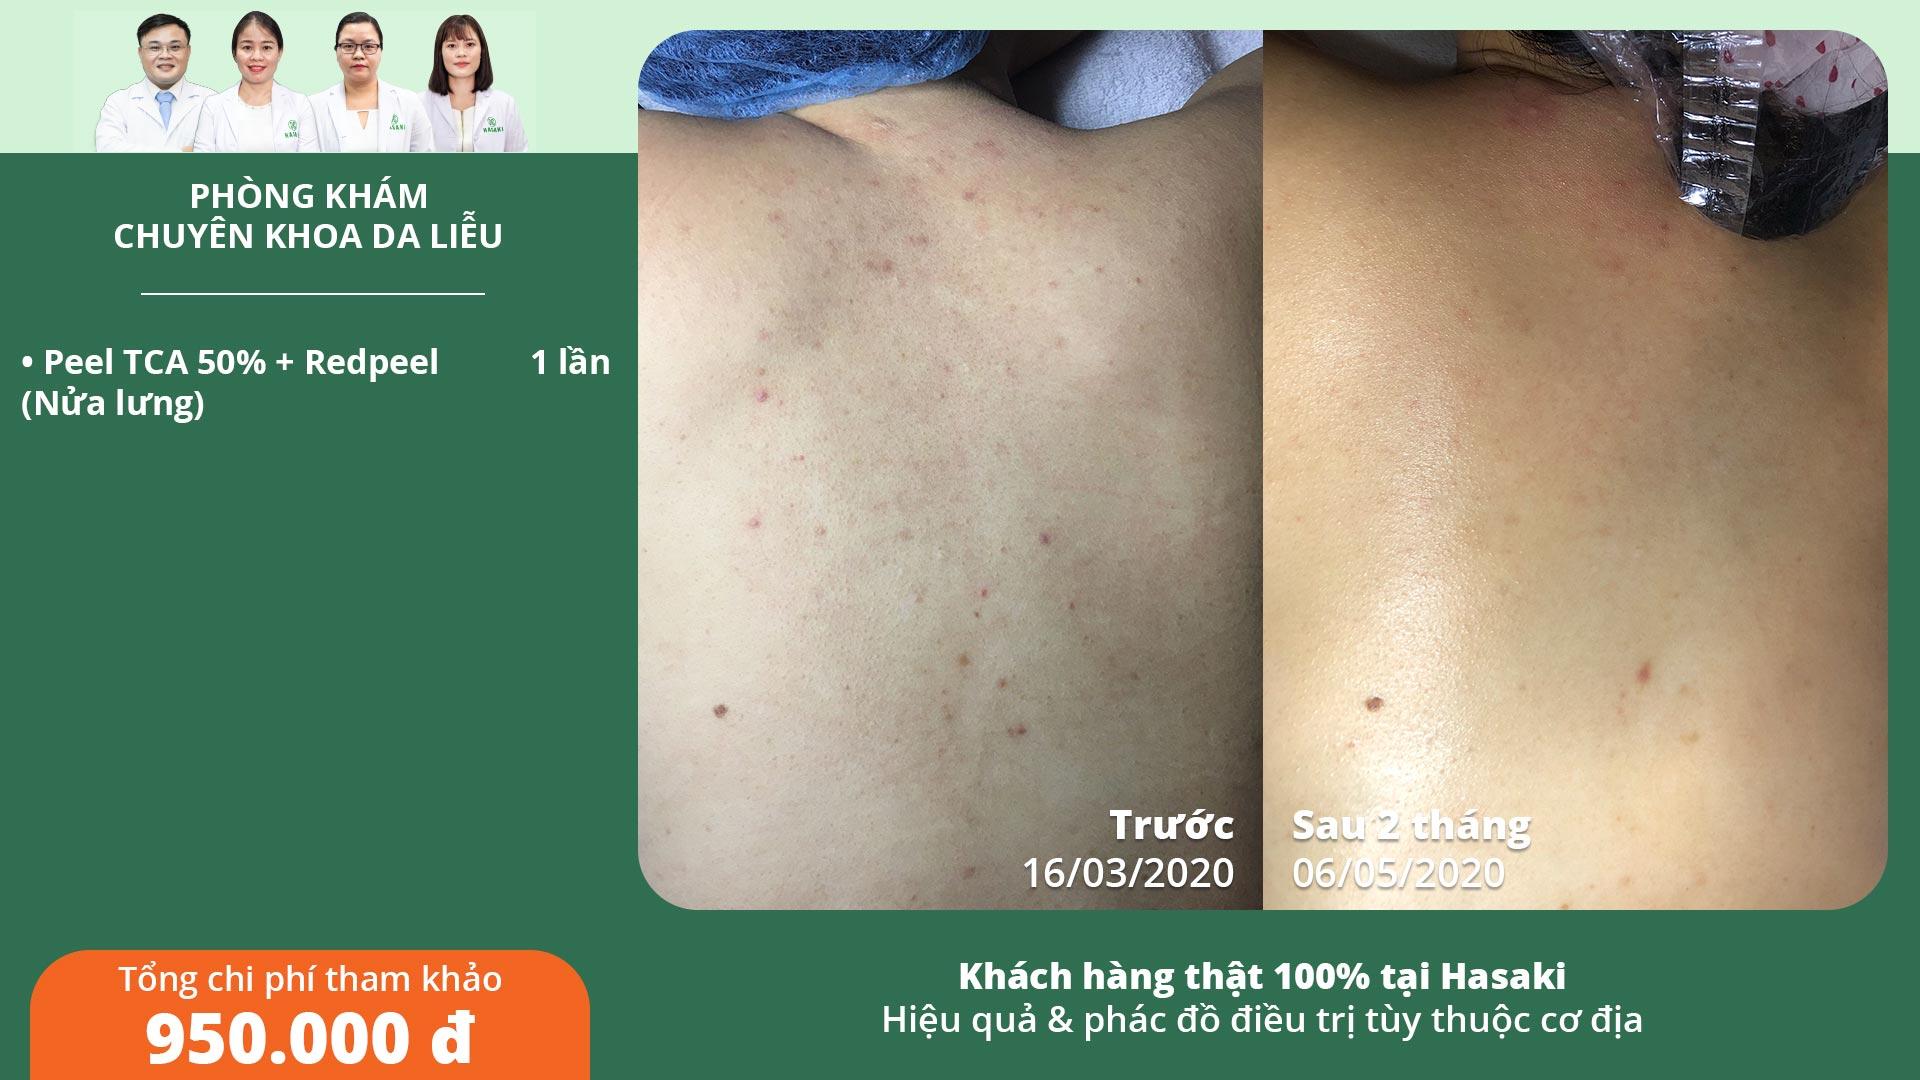 Khách hàng trị mụn lưng thực tế tại Hasaki Clinic & Spa